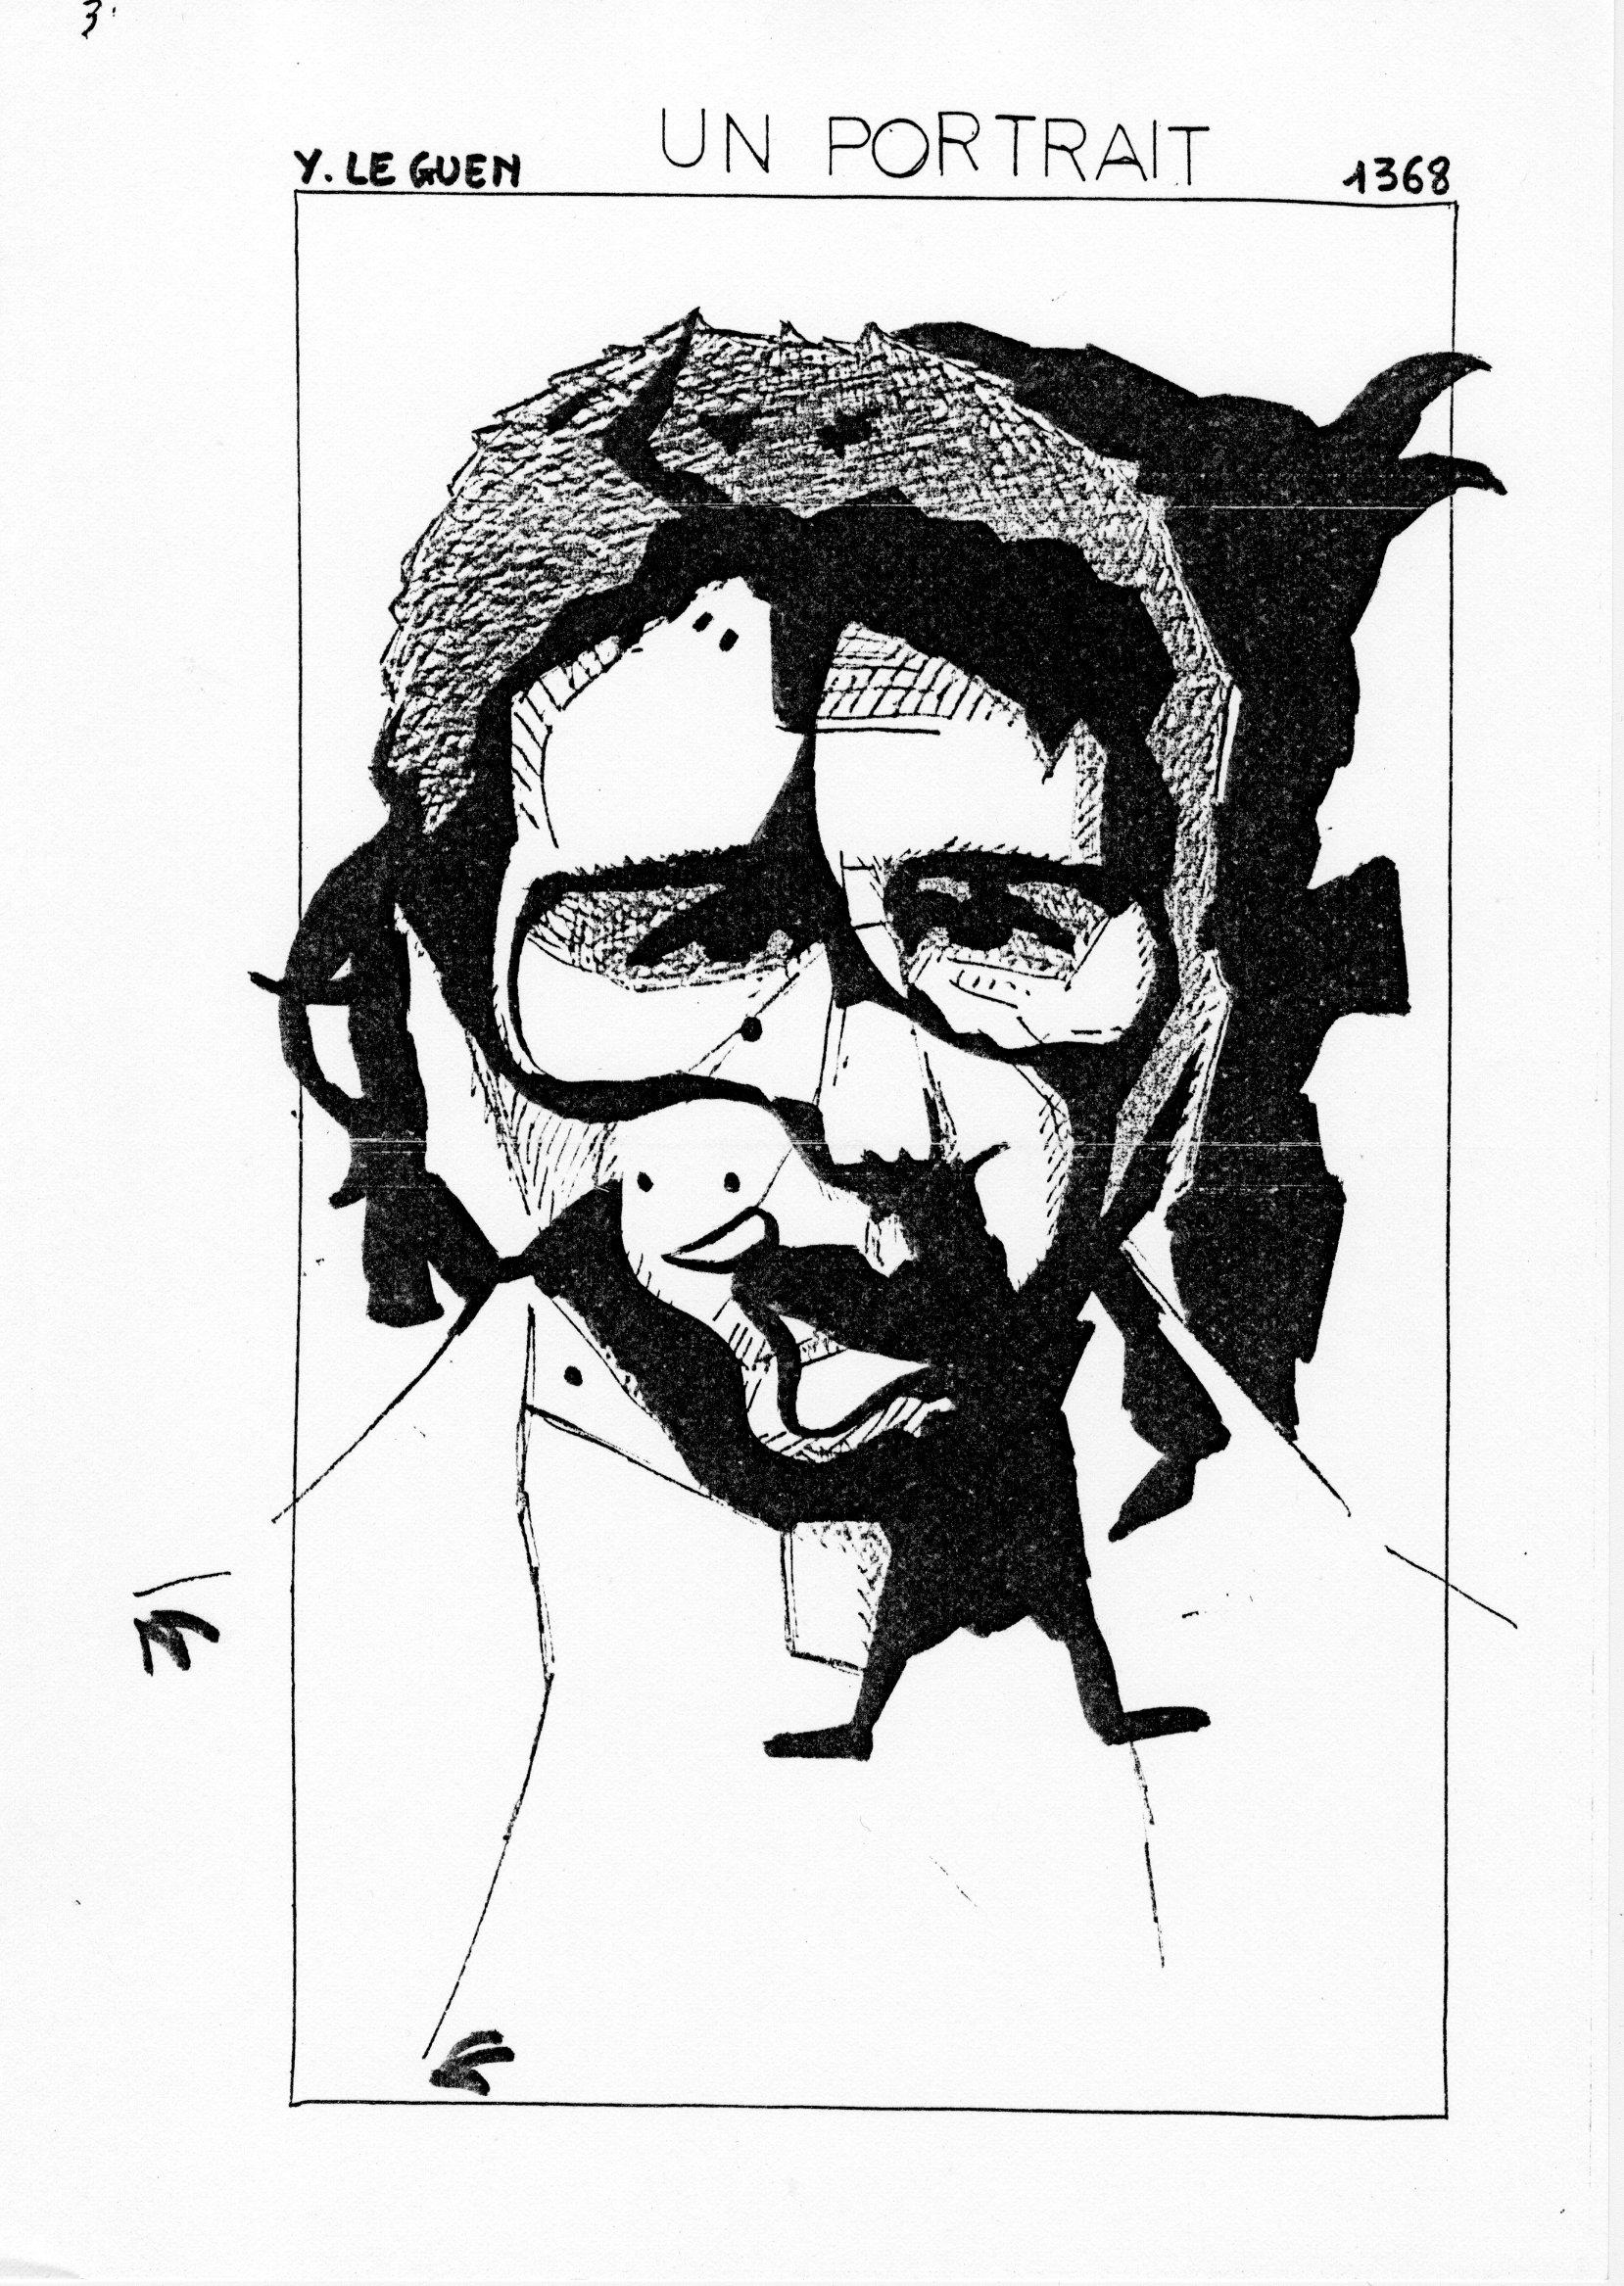 page 1368 Y. Leguen UN PORTRAIT